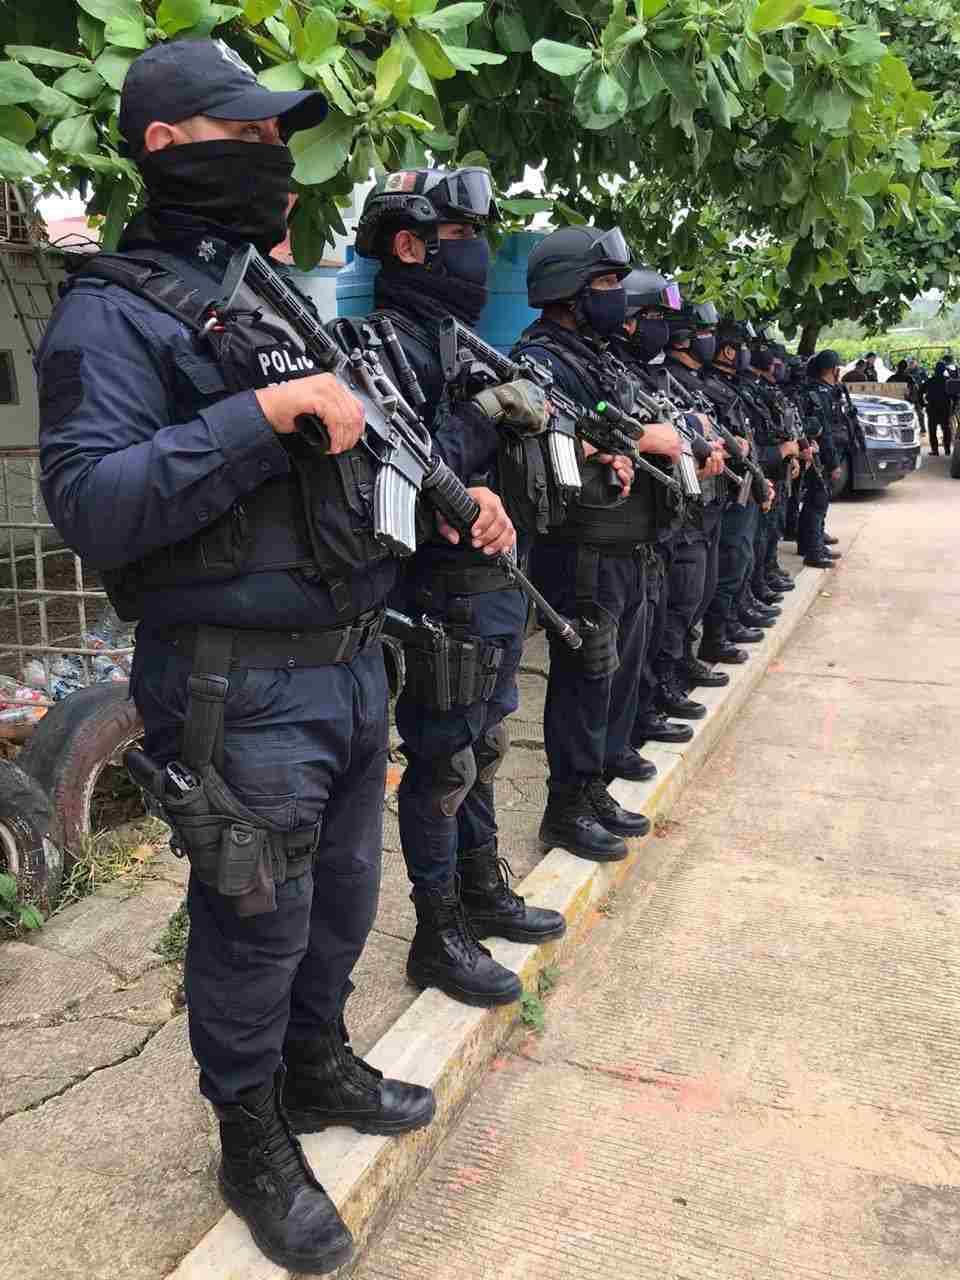 MANDAN MÁS POLICIAS AL SUR DEL ESTADO